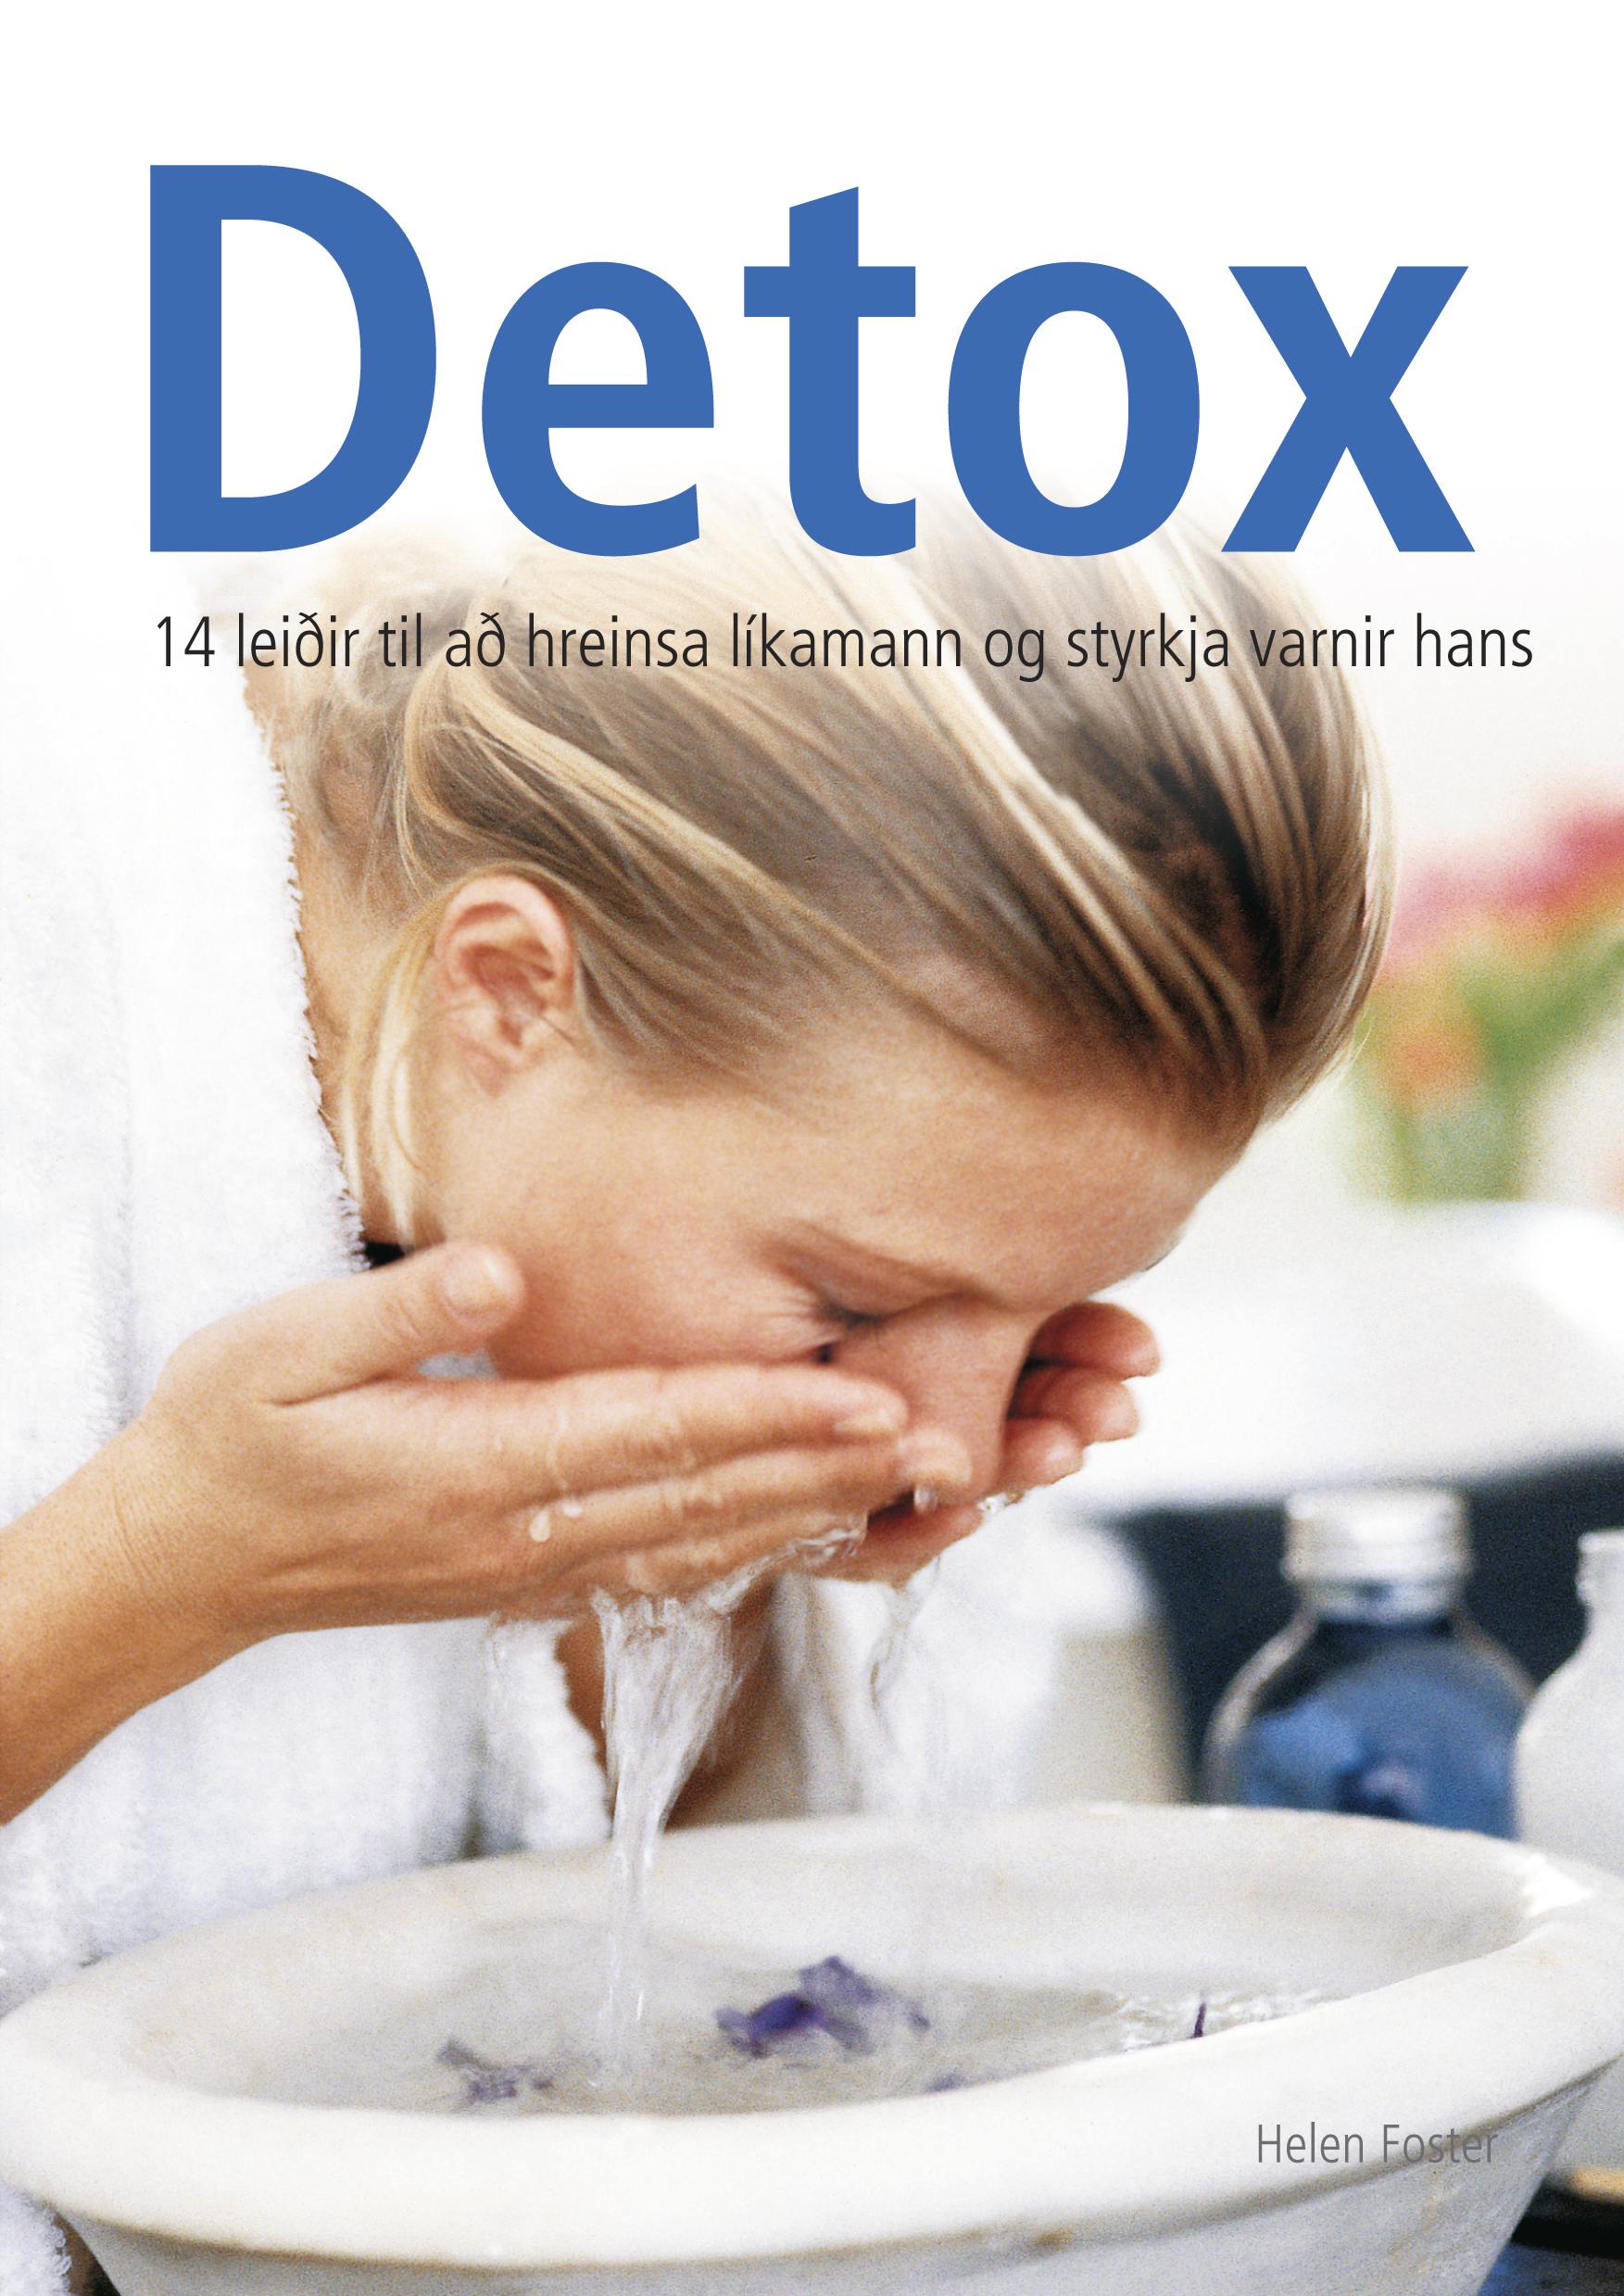 Detox – 14 leiðir til að hreinsa líkamann